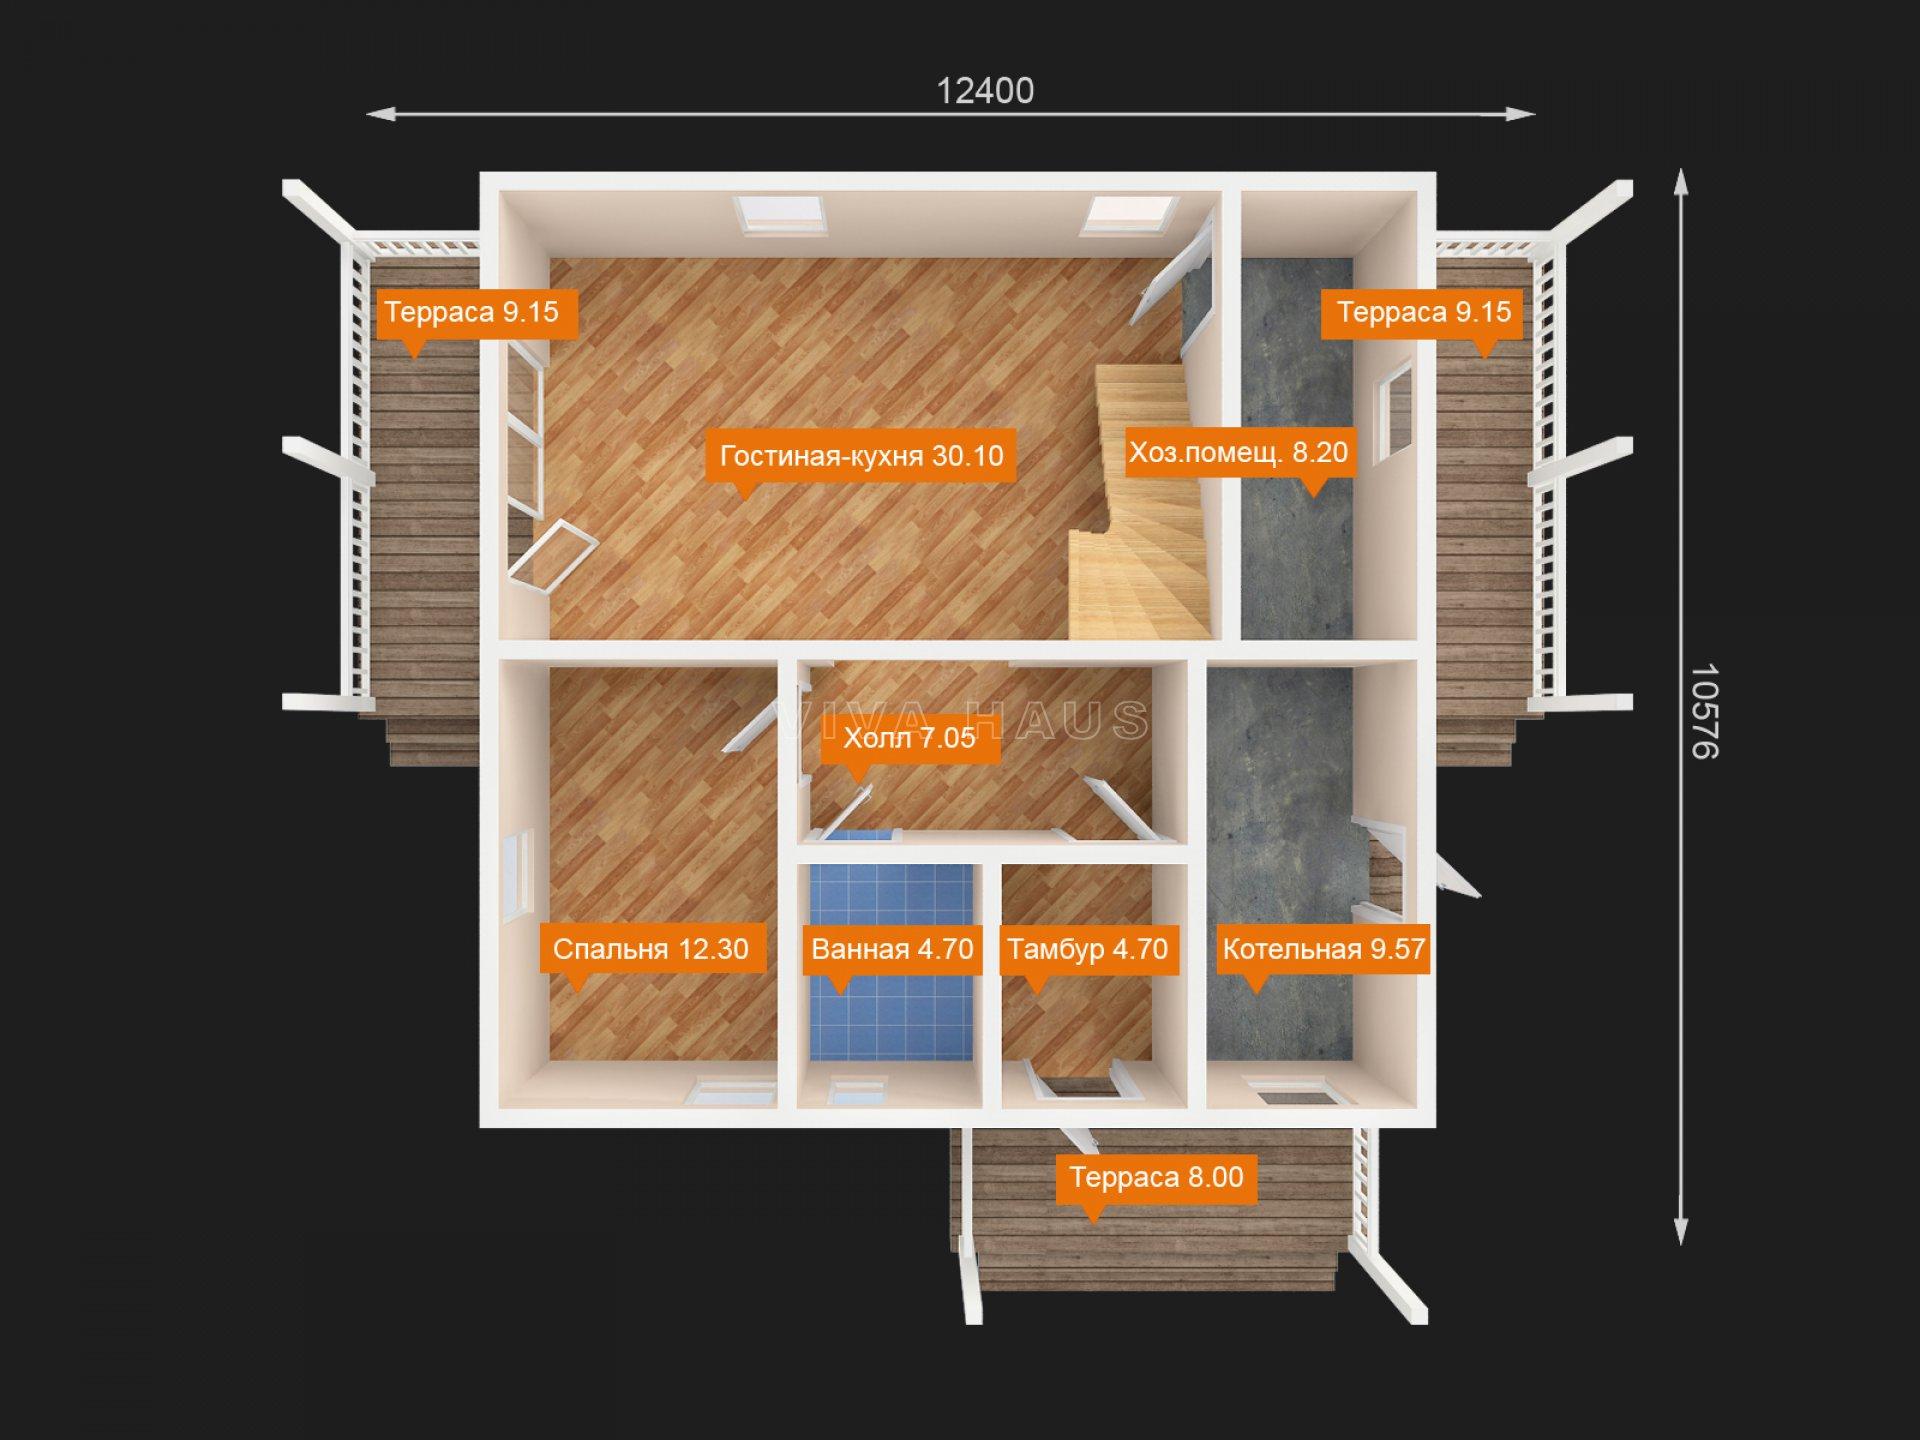 Двухэтажный дом площадью 166 м2 по проекту Омега 3Dплан 1 этажа